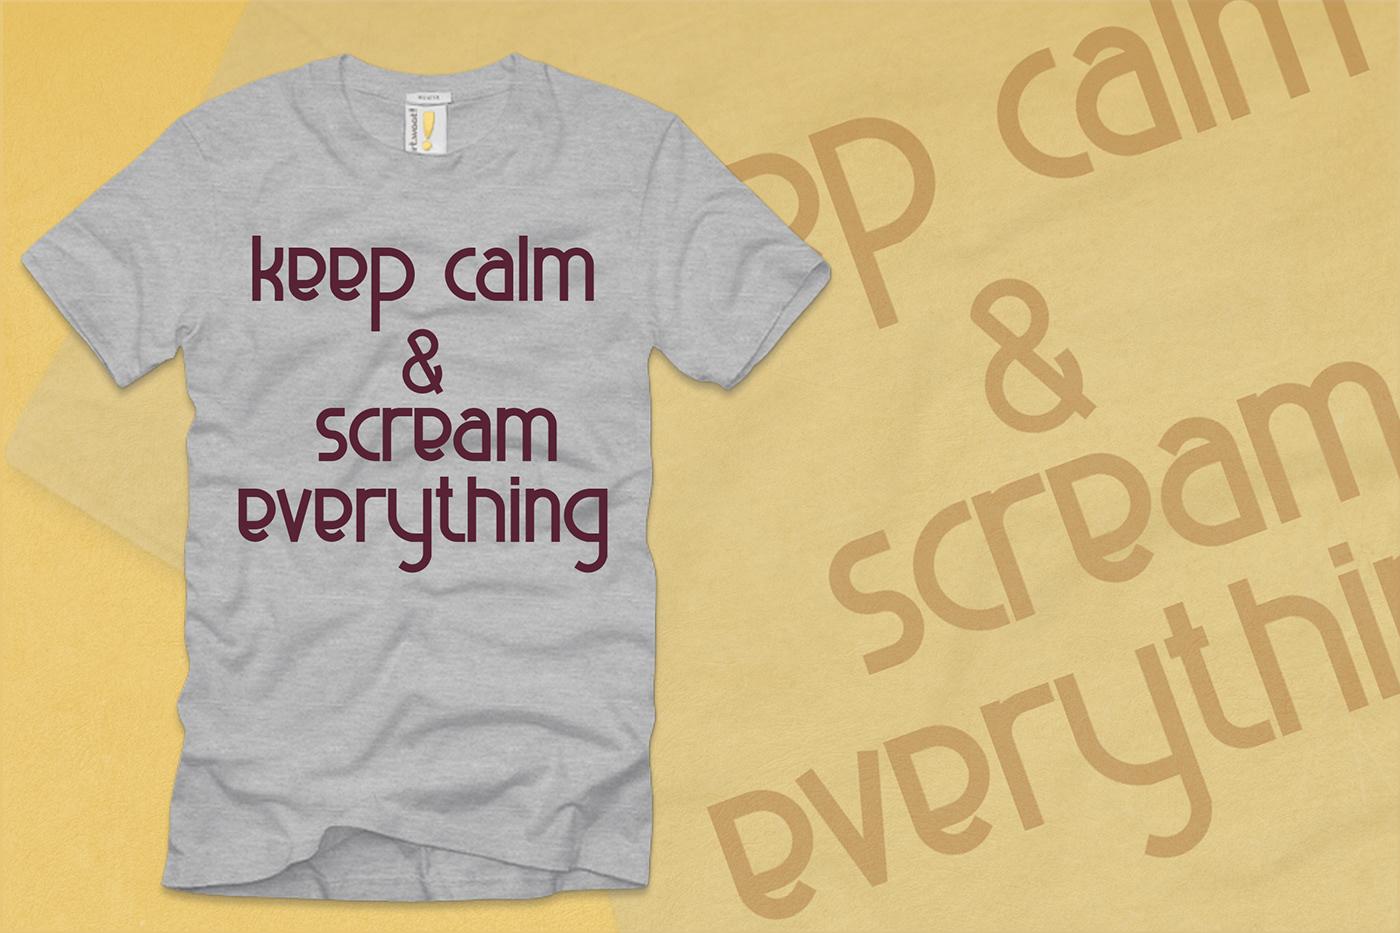 Image may contain: active shirt, t-shirt and shirt